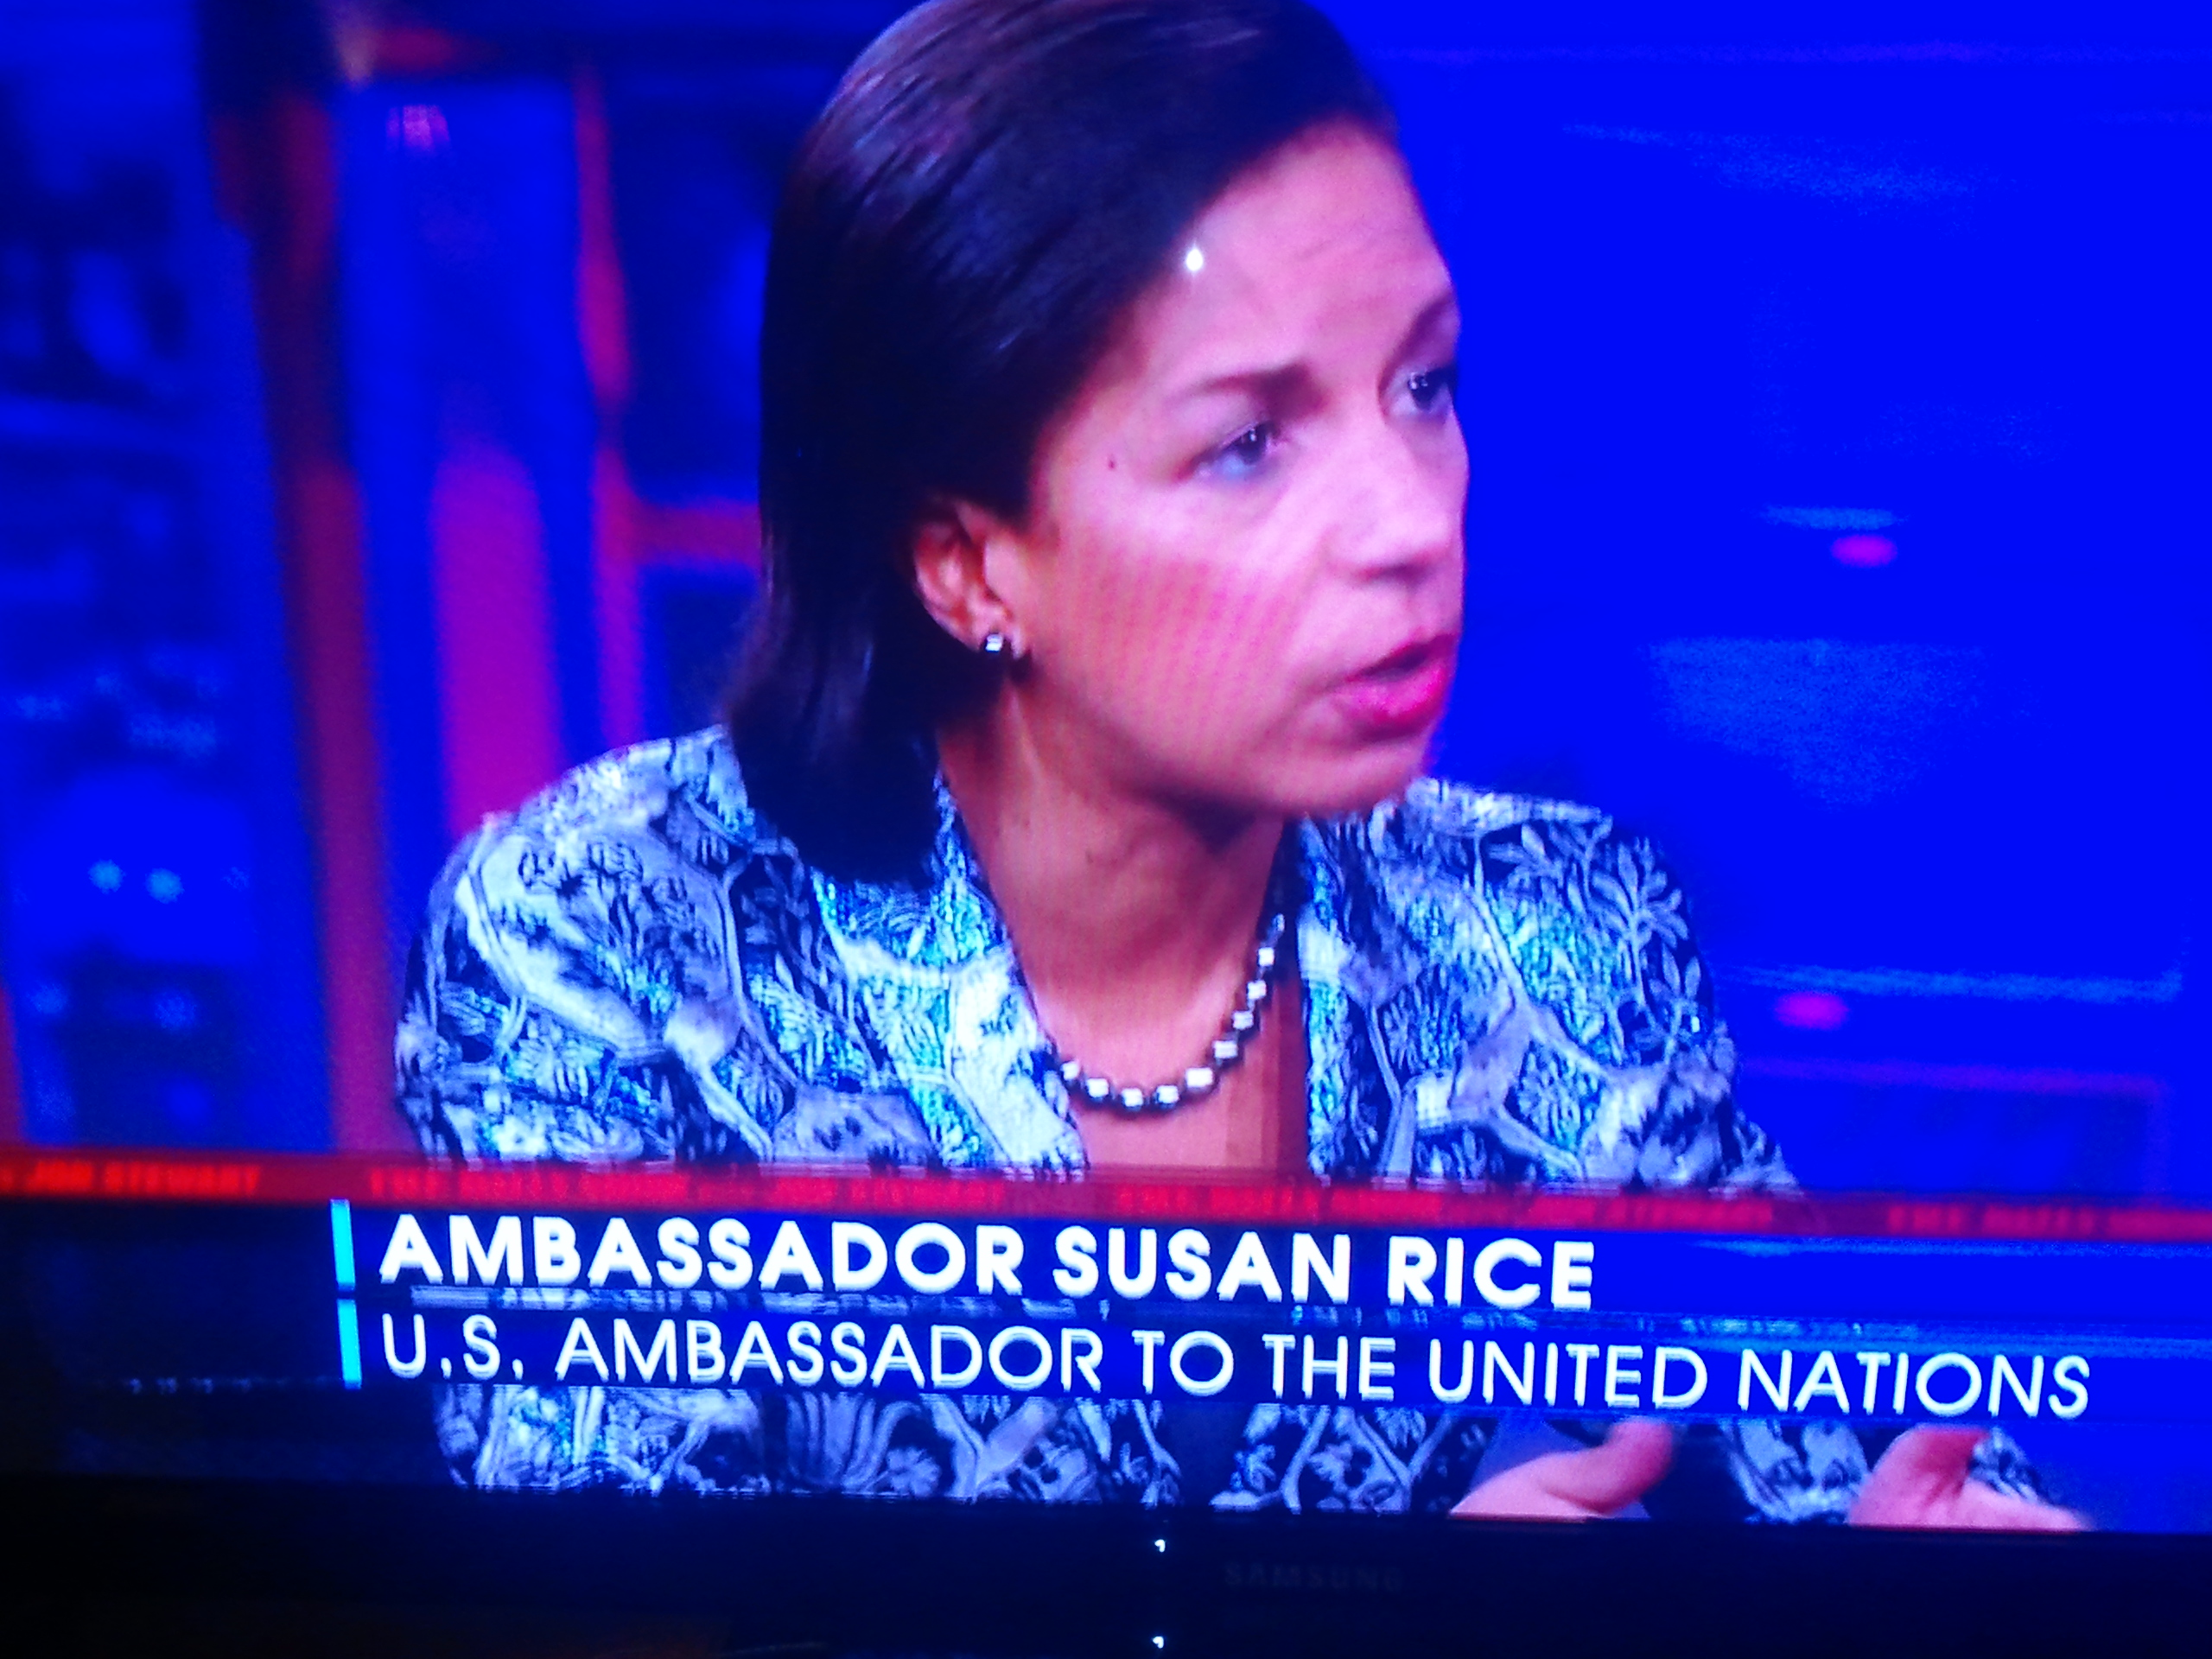 Nice jacket, Susan!